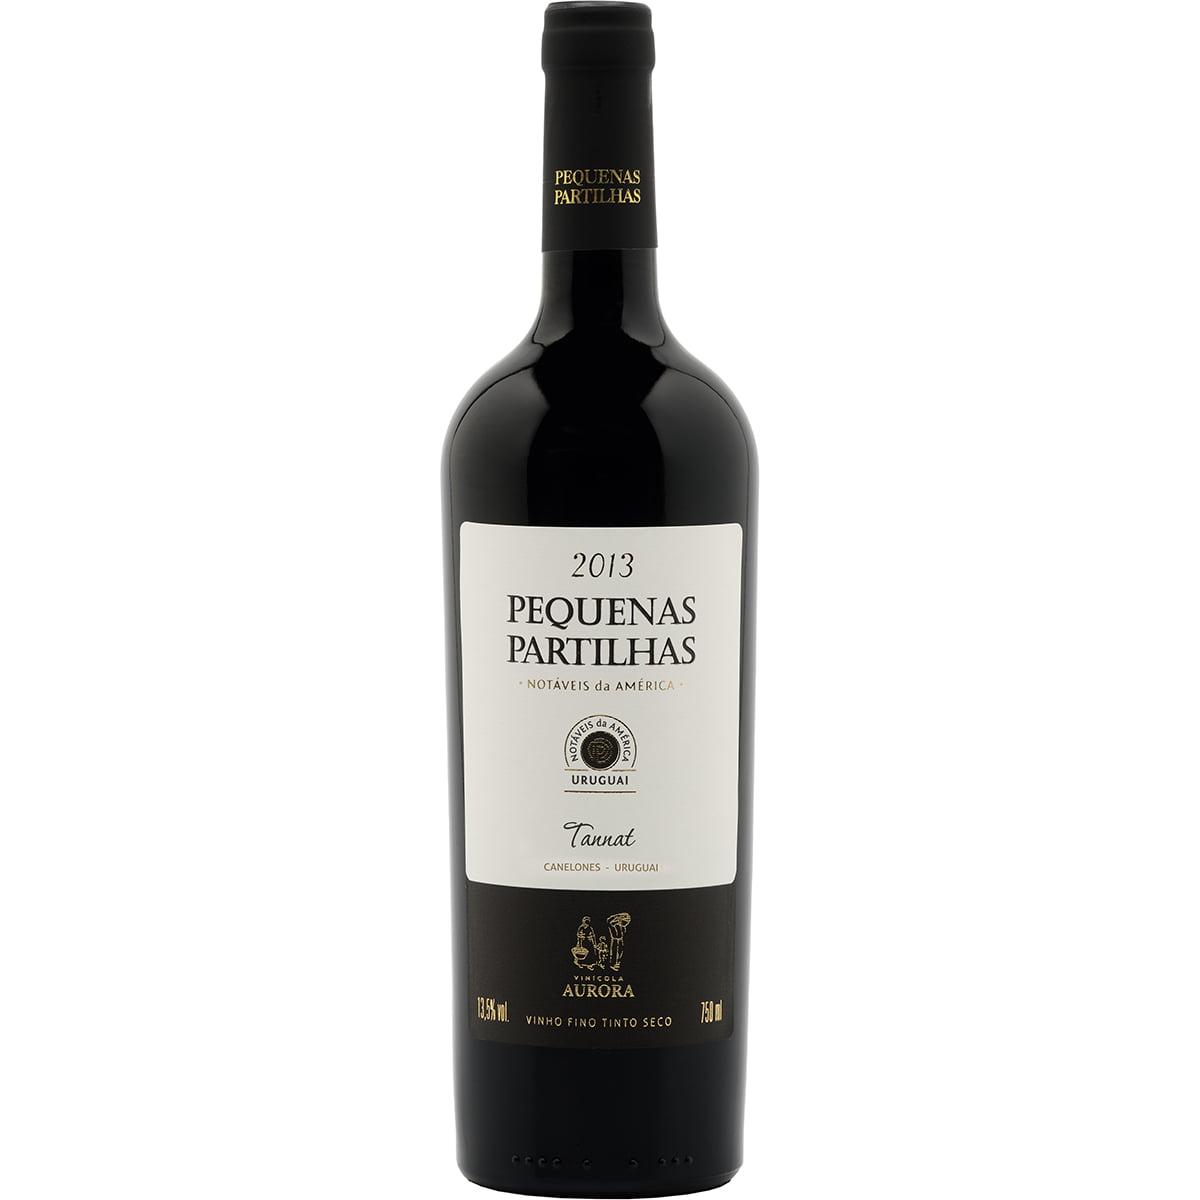 Vinho Aurora Pequenas Partilhas Notáveis da América Uruguai Tannat Tinto 750ml